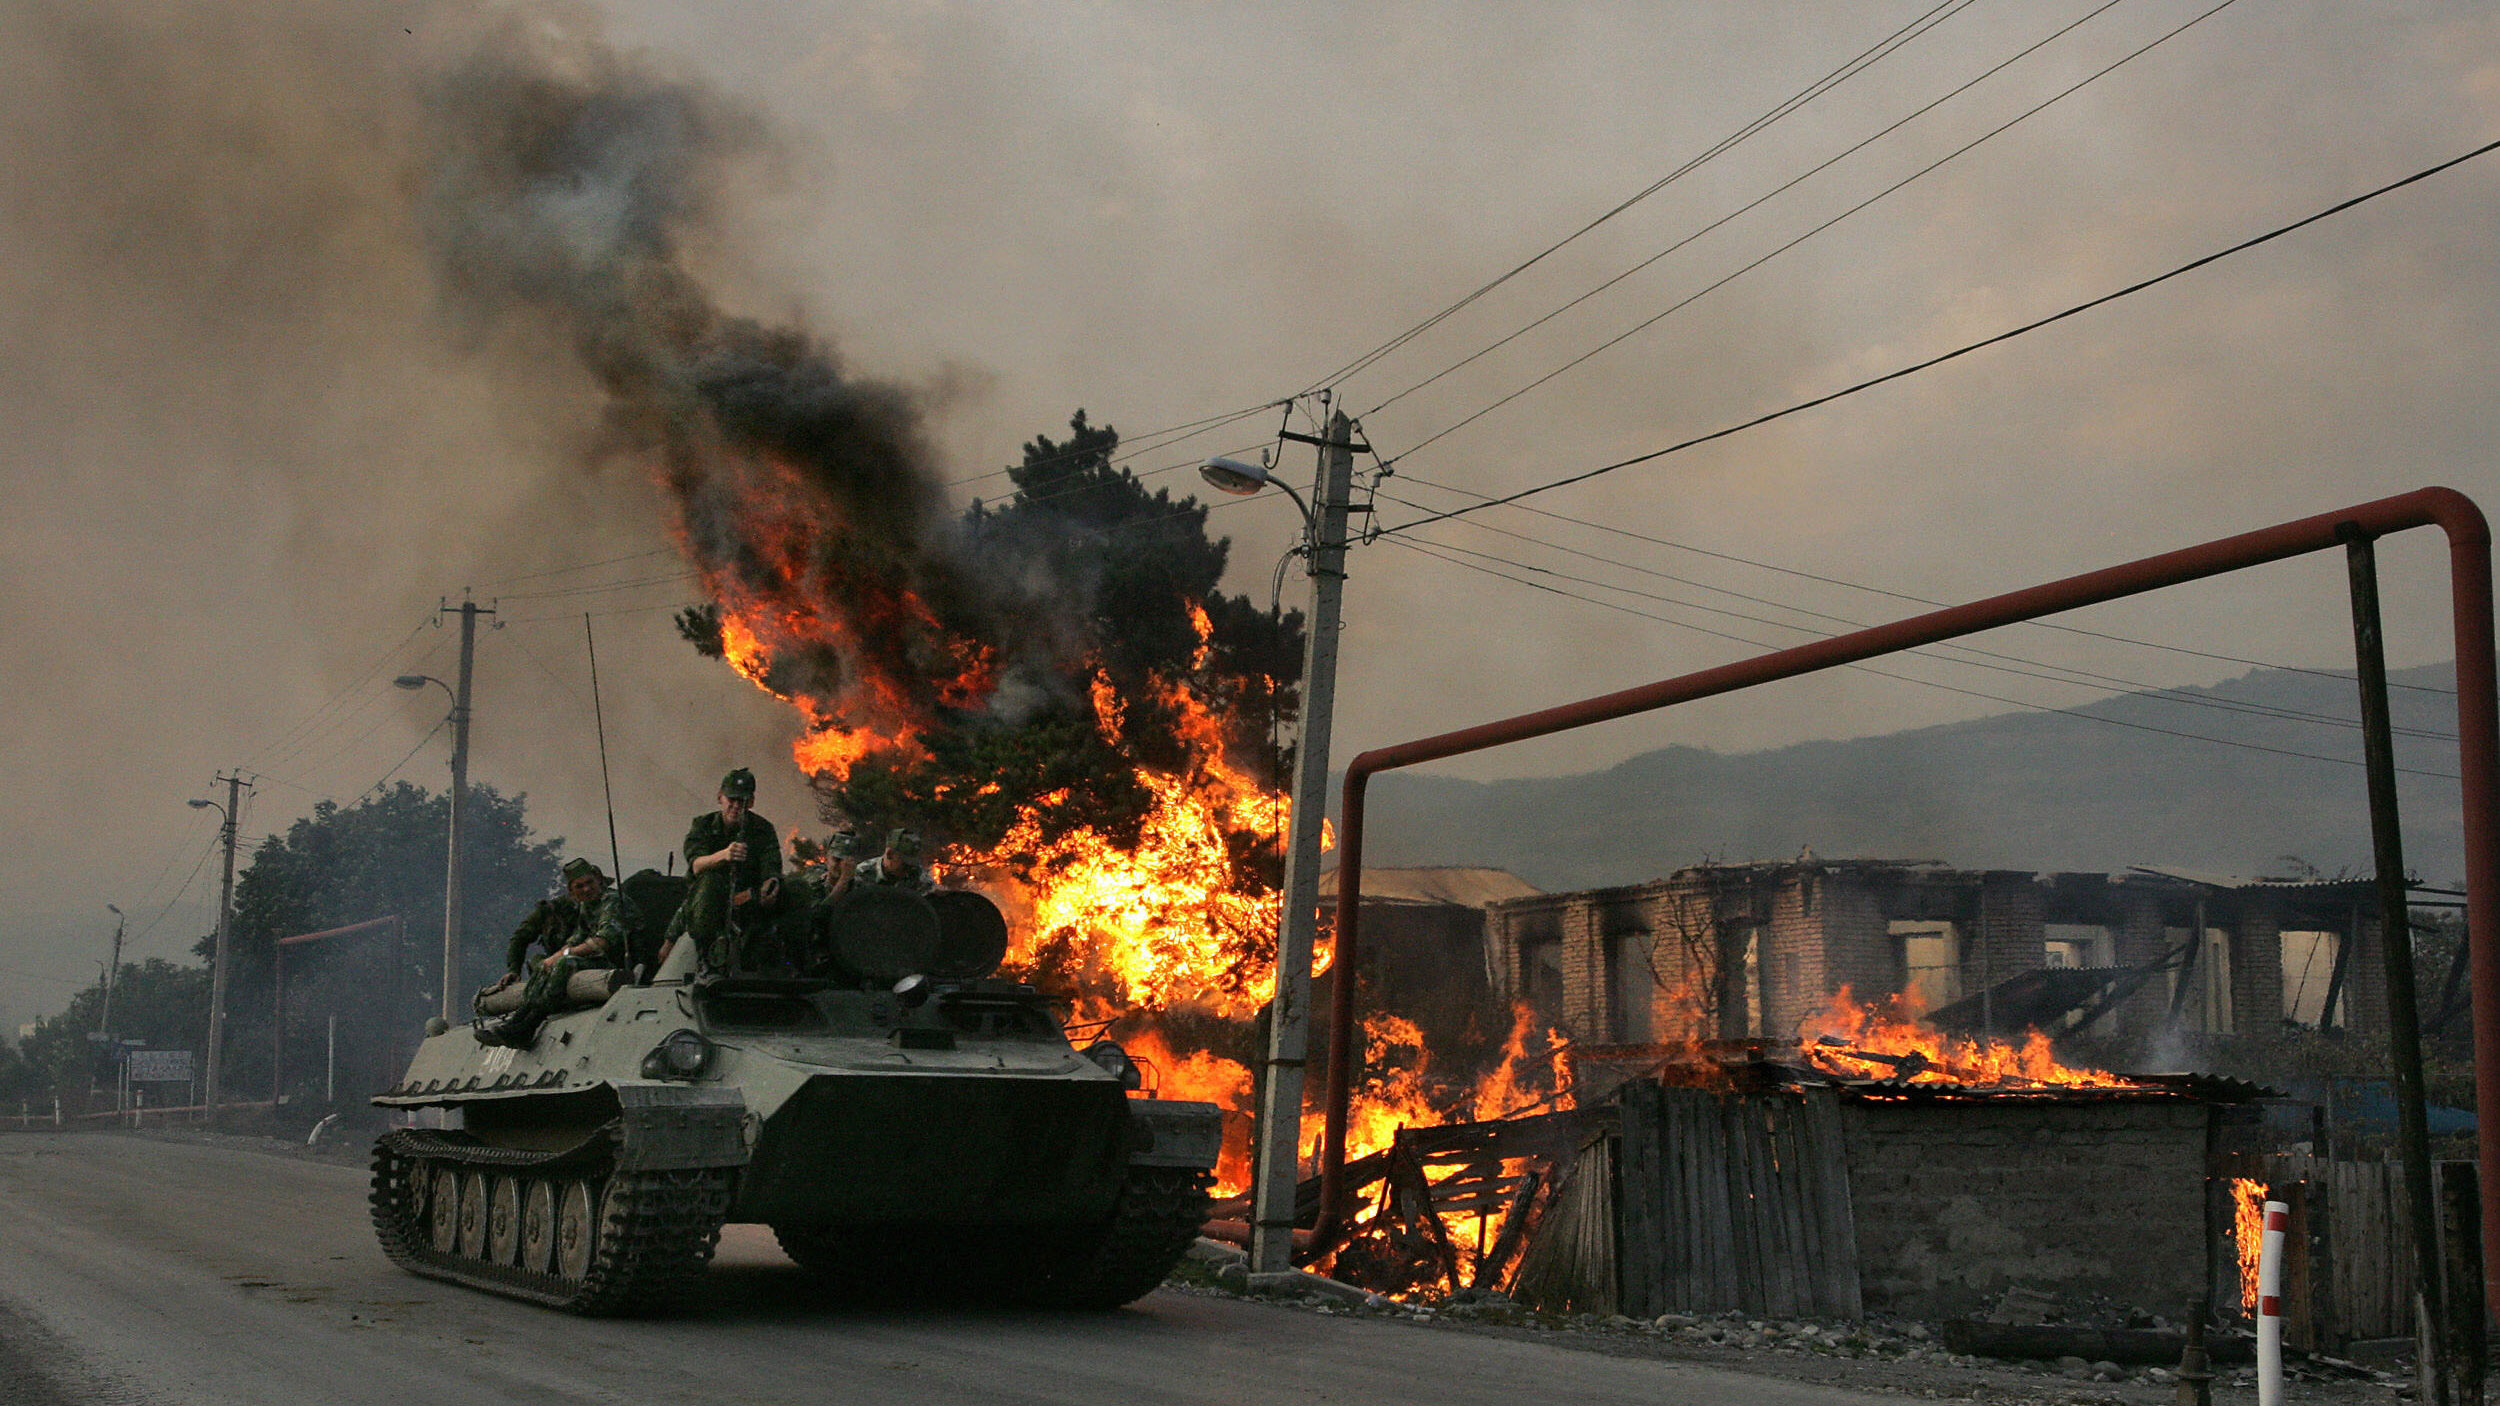 дебютировала фото военных конфликтов нюансы